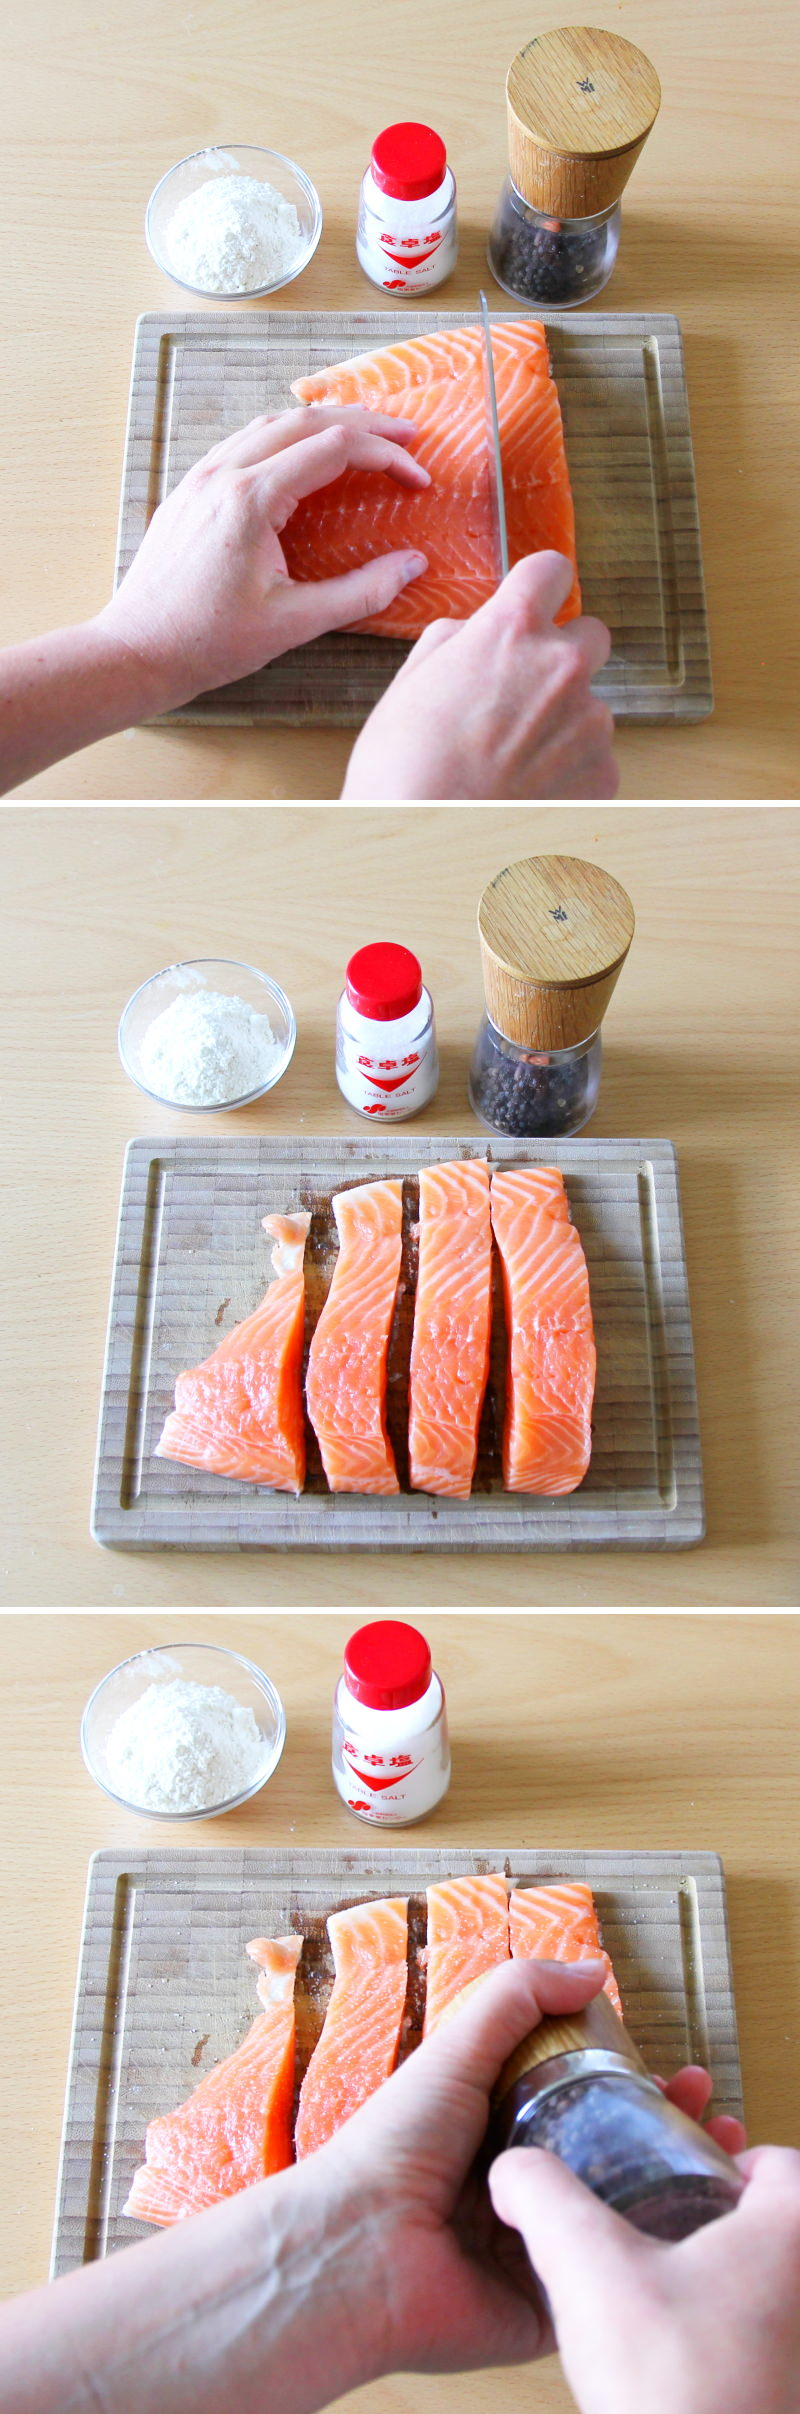 Teriyaki Lachs Schritt 3 Fisch vorbereiten